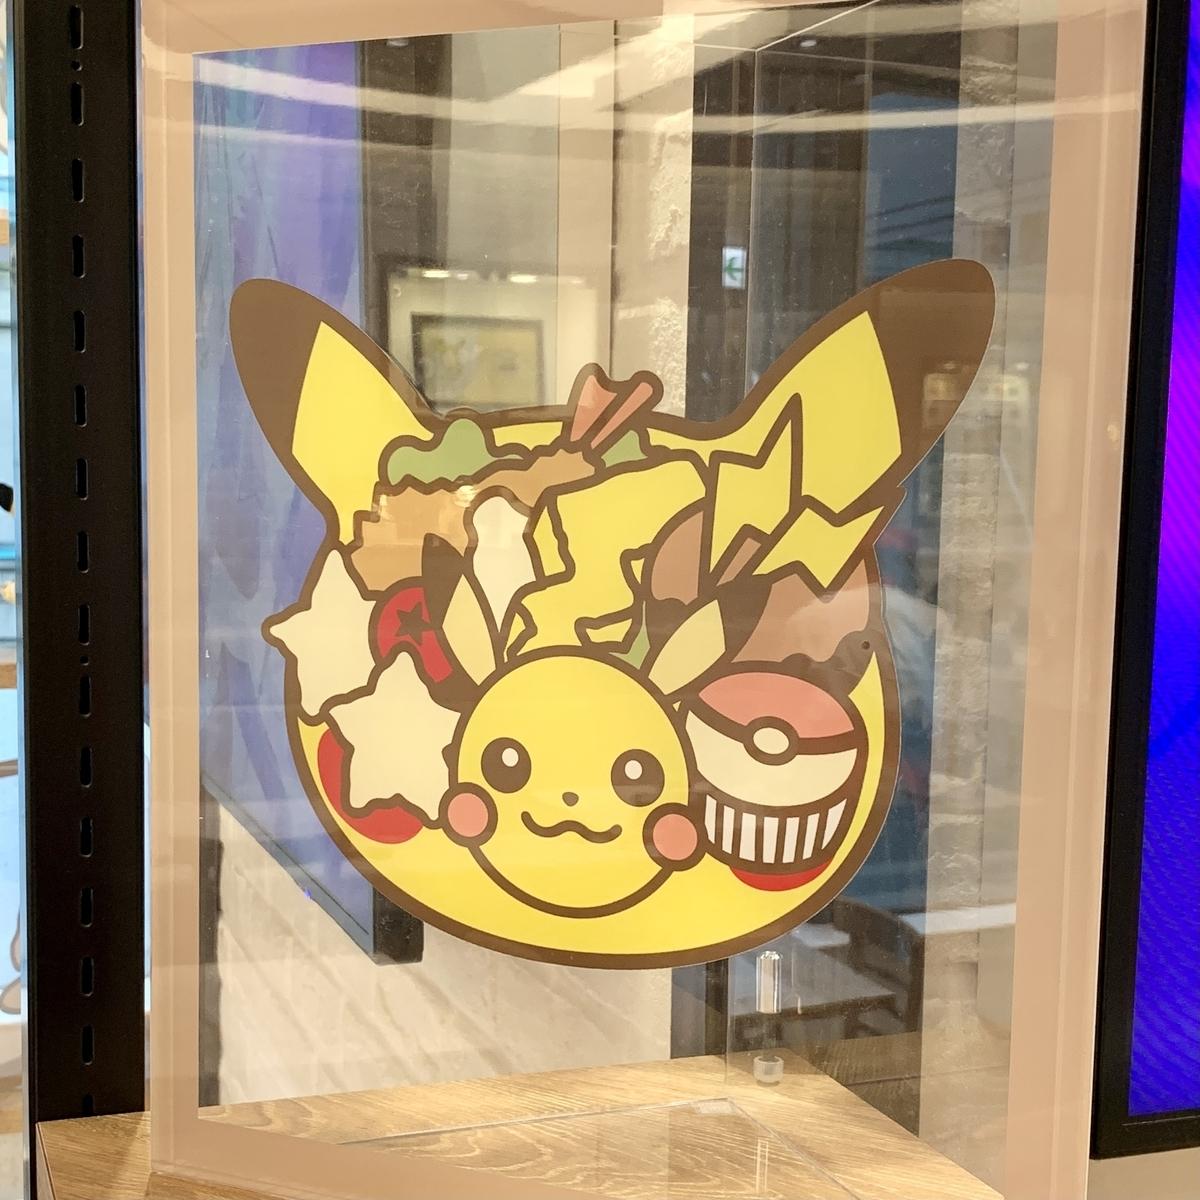 f:id:pikachu_pcn:20210611195730j:plain